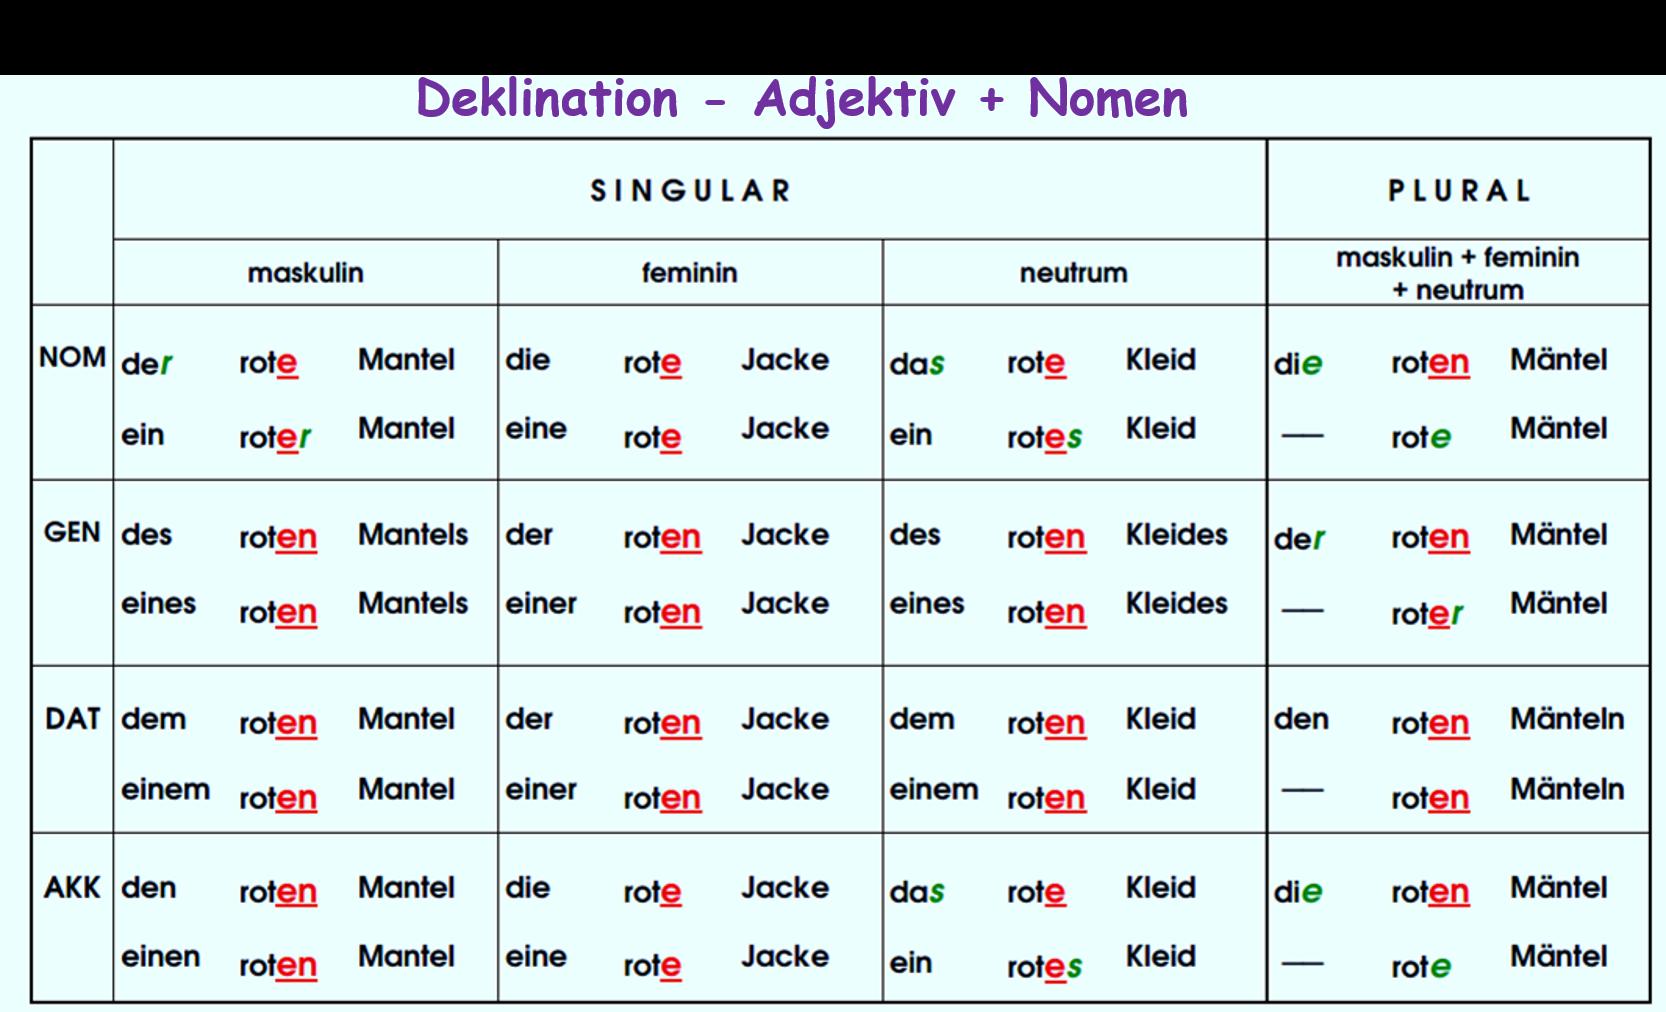 Deklination adjektiv nomen nomen learn german german grammar german language for Genitiv deutsch lernen